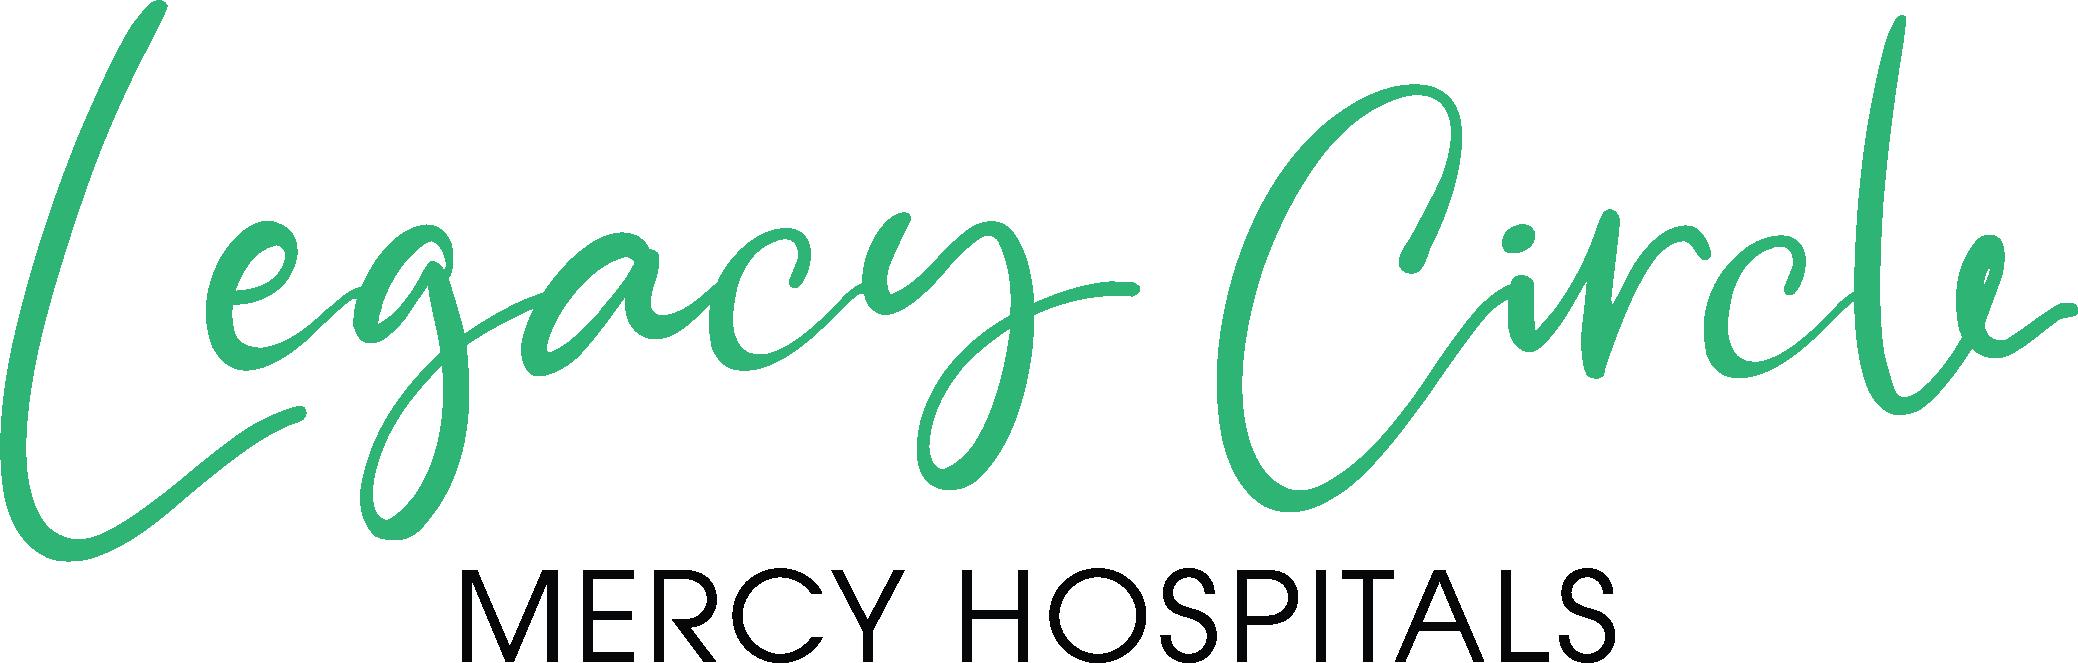 Legacy Circle Logo_Long_2020